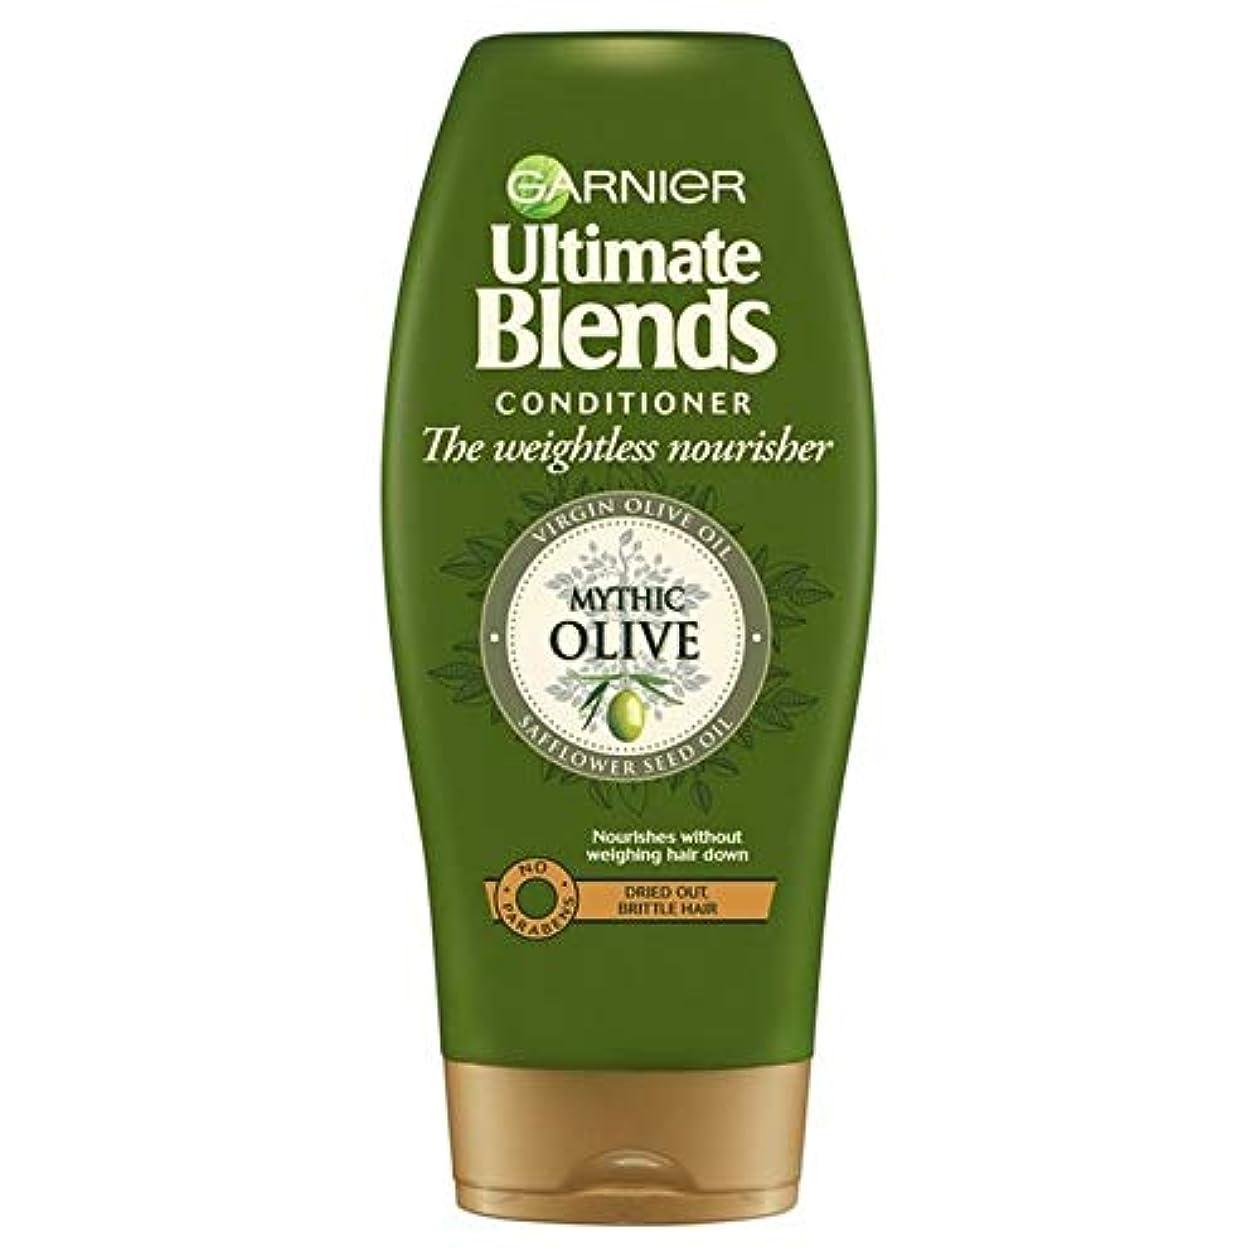 ブロッサム個人的に周囲[Garnier ] ガルニエ究極のオリーブオイルドライヘアコンディショナー360ミリリットルをブレンド - Garnier Ultimate Blends Olive Oil Dry Hair Conditioner...